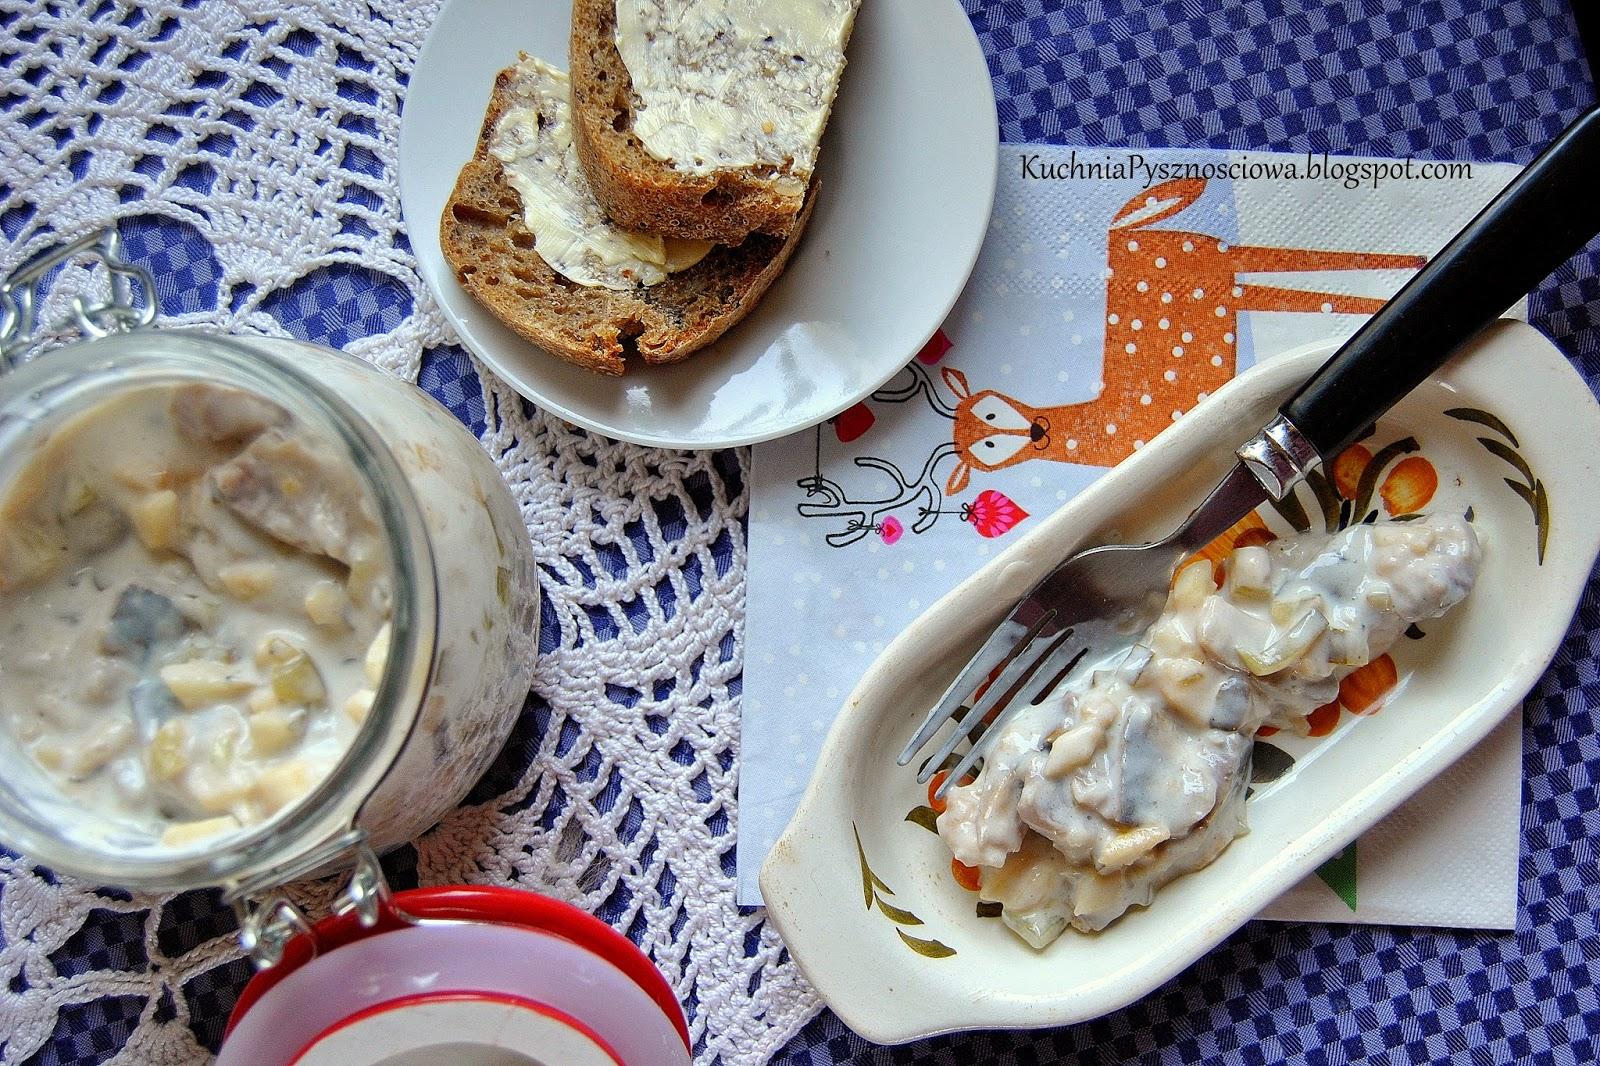 283. Świąteczne śledzie w sosie z maślanki i jogurtu